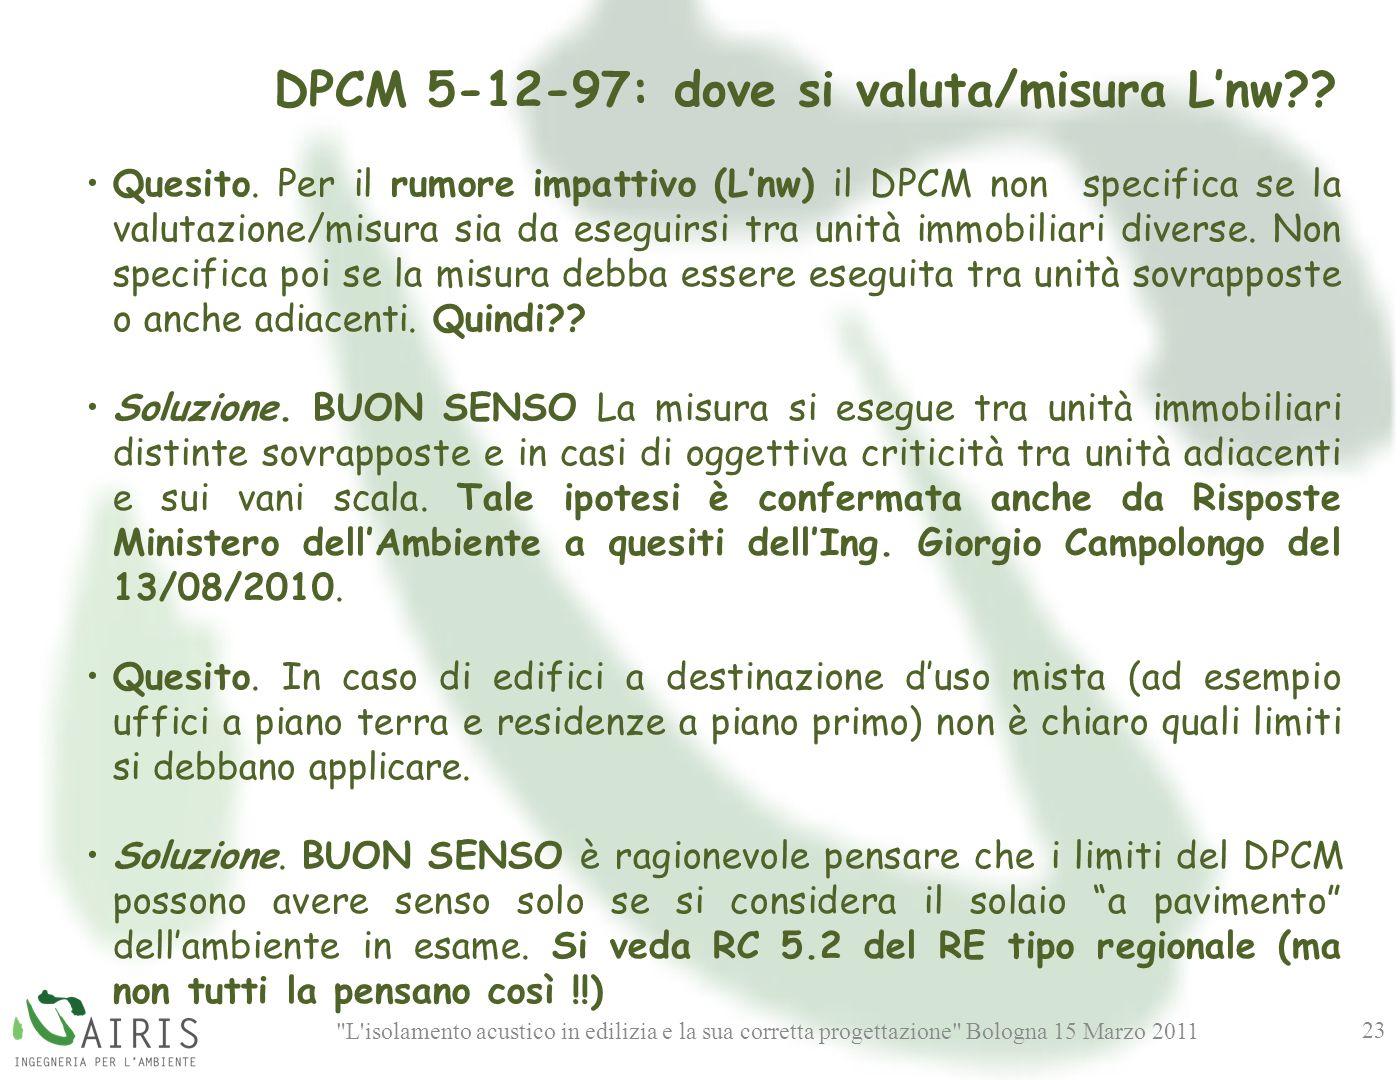 DPCM 5-12-97: dove si valuta/misura L'nw